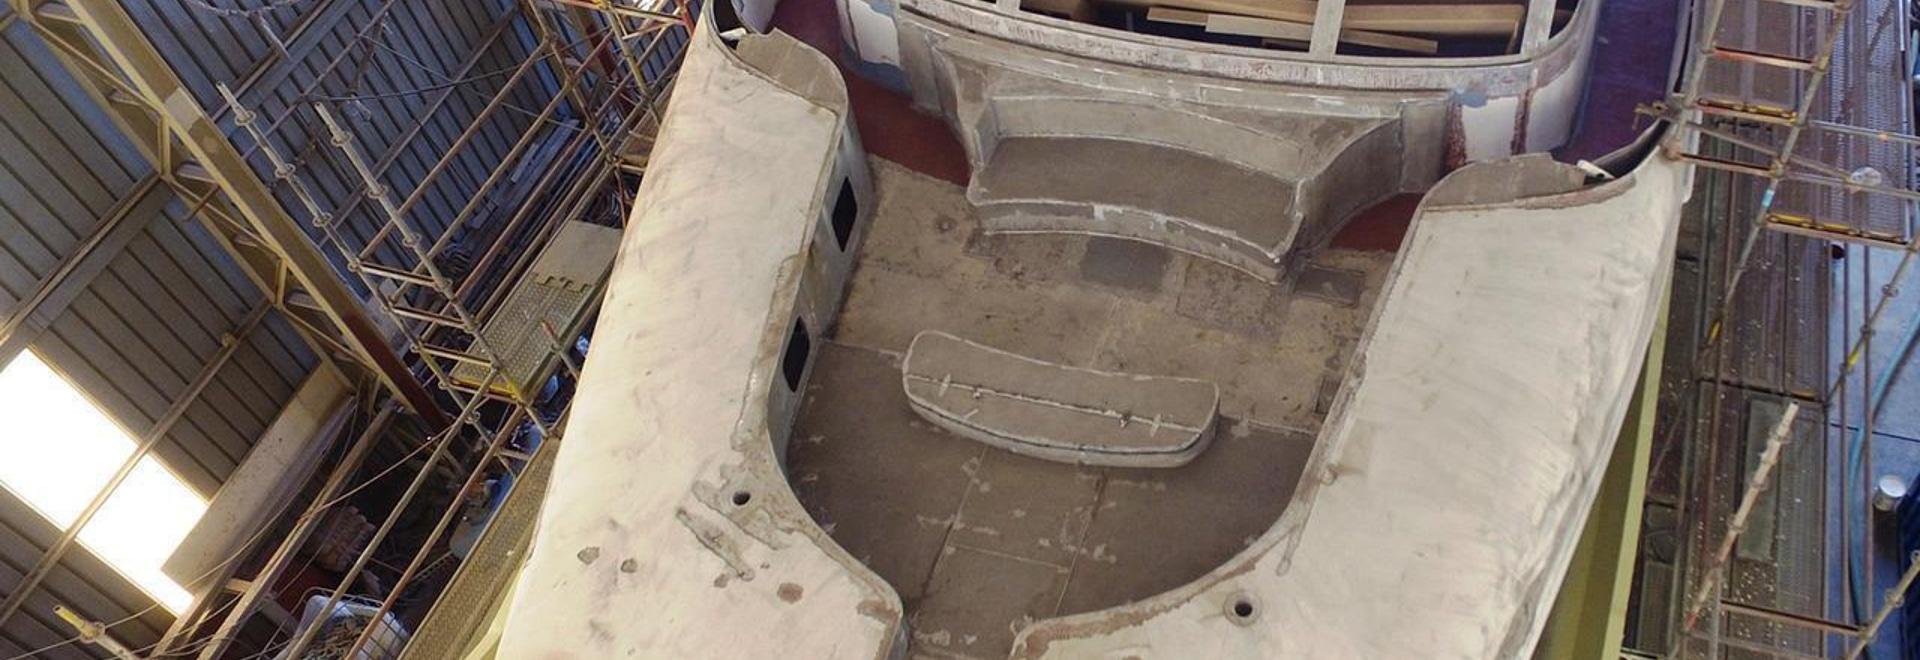 Mise à jour de construction sur le yacht Xana de moteur de Codecasa